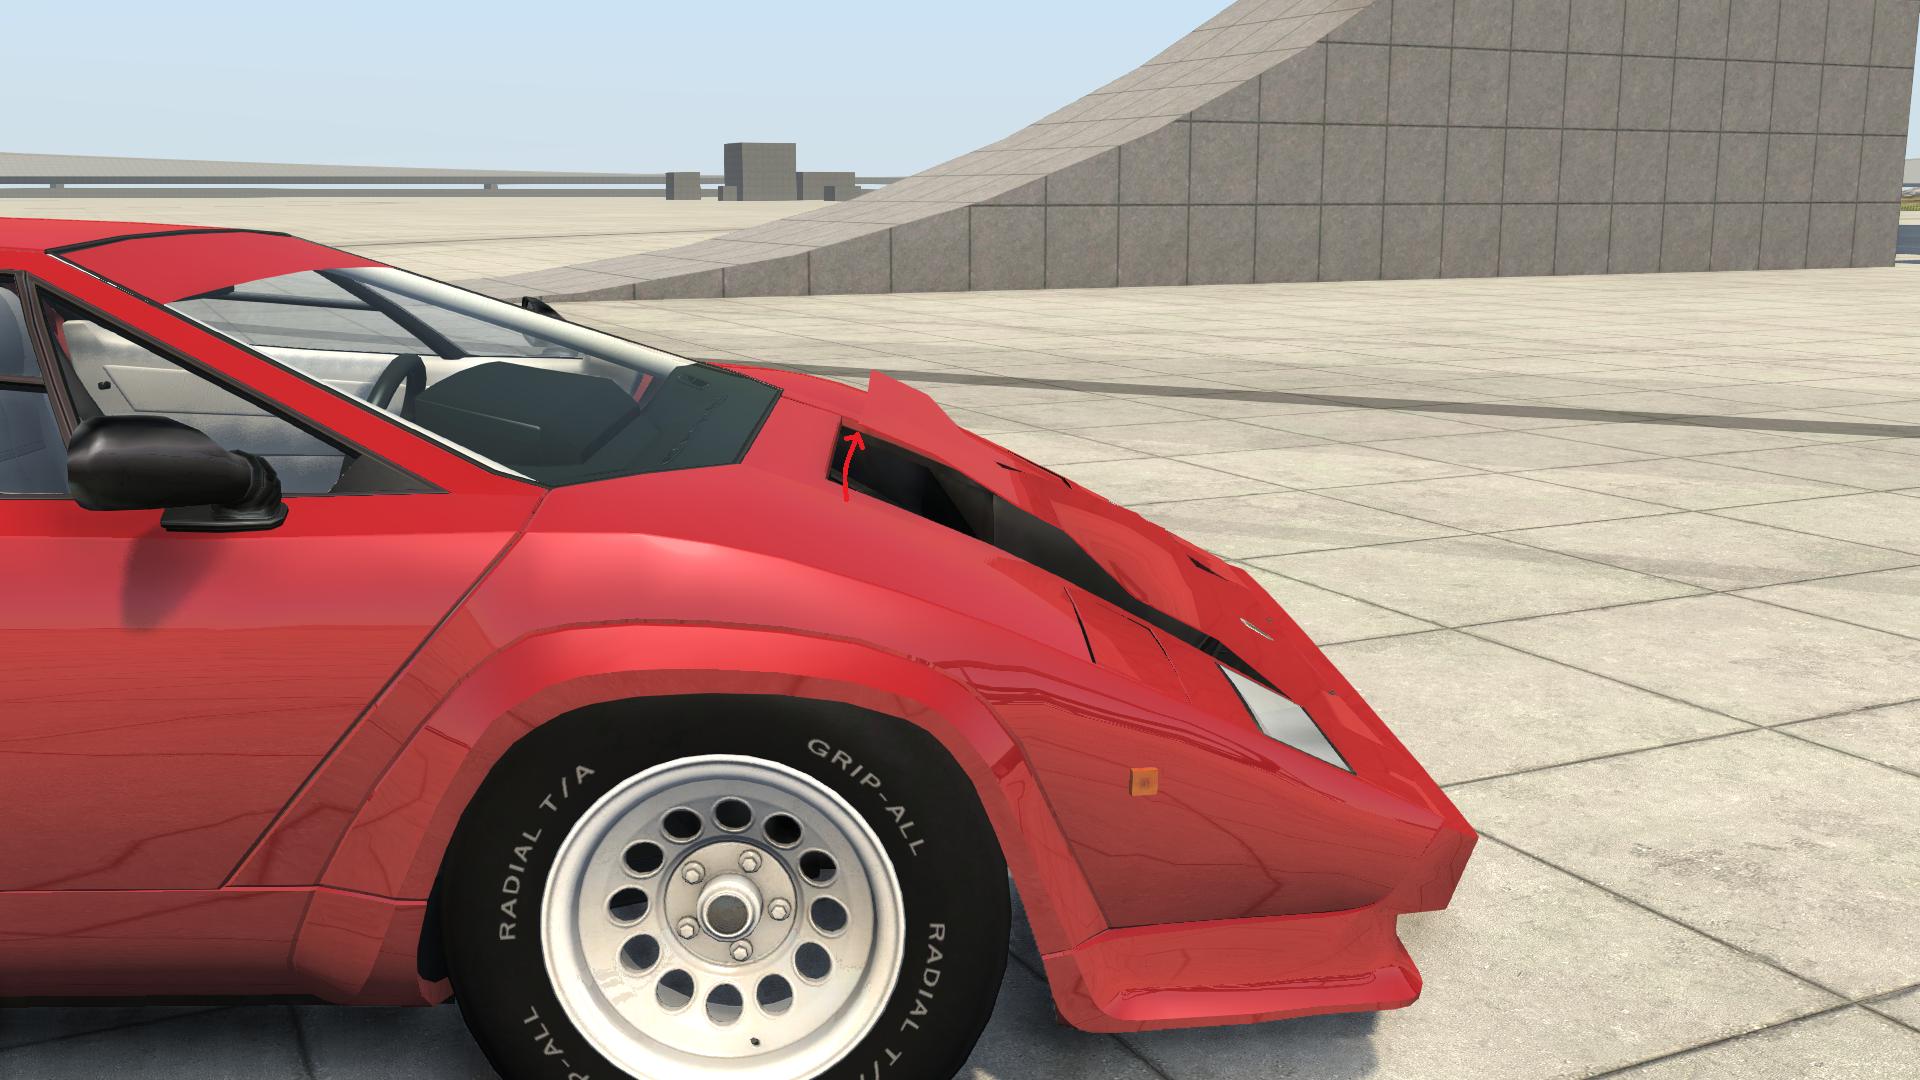 Outdated 1985 Lamborghini Countach 500 Quattrovalvole V6 Super